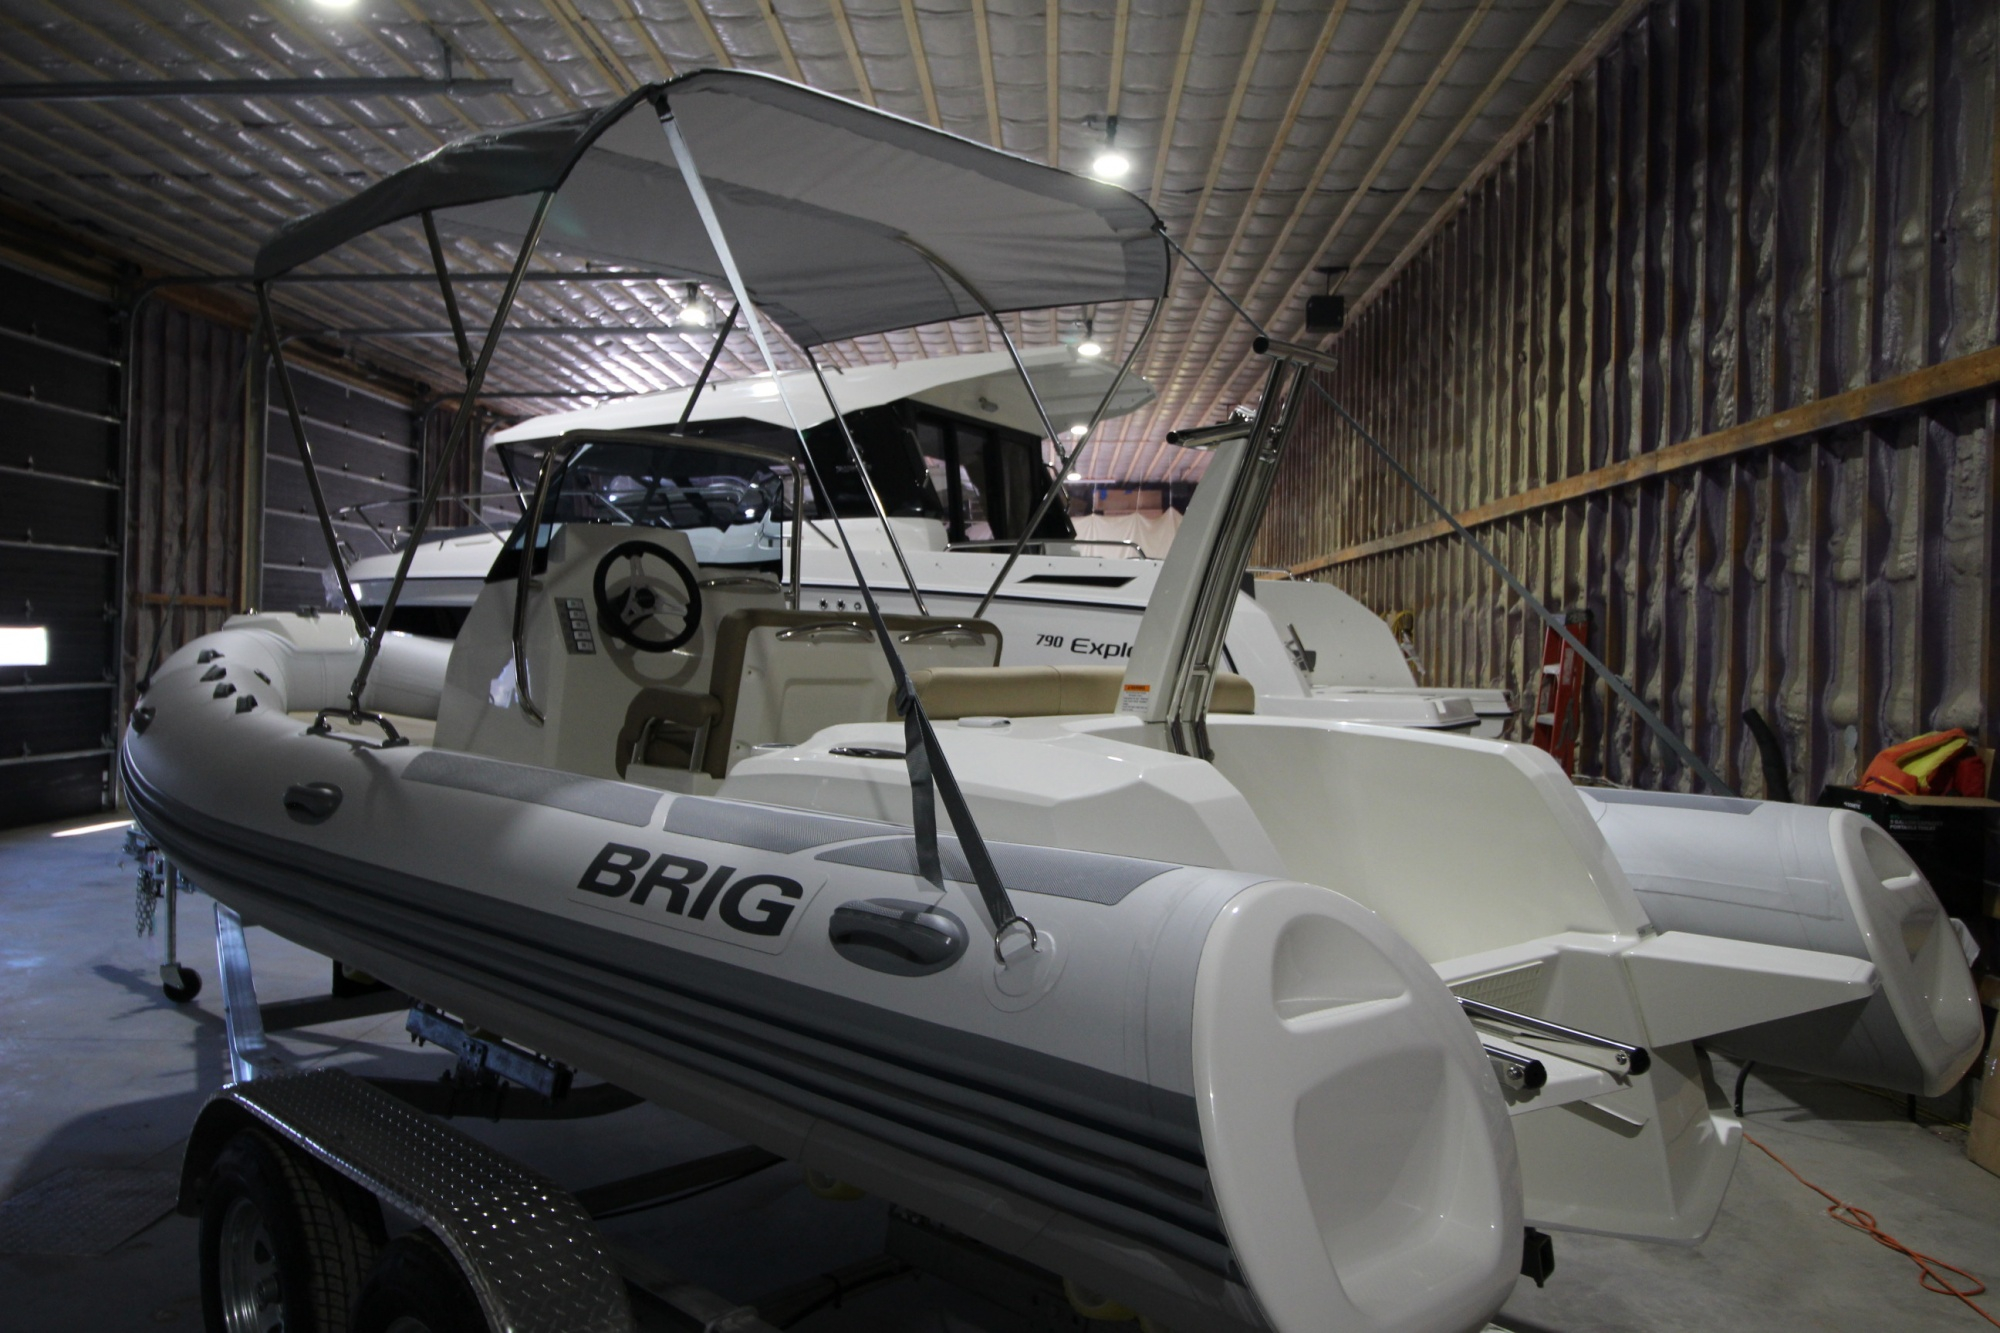 Brig EAGLE 6 - IMG_9972